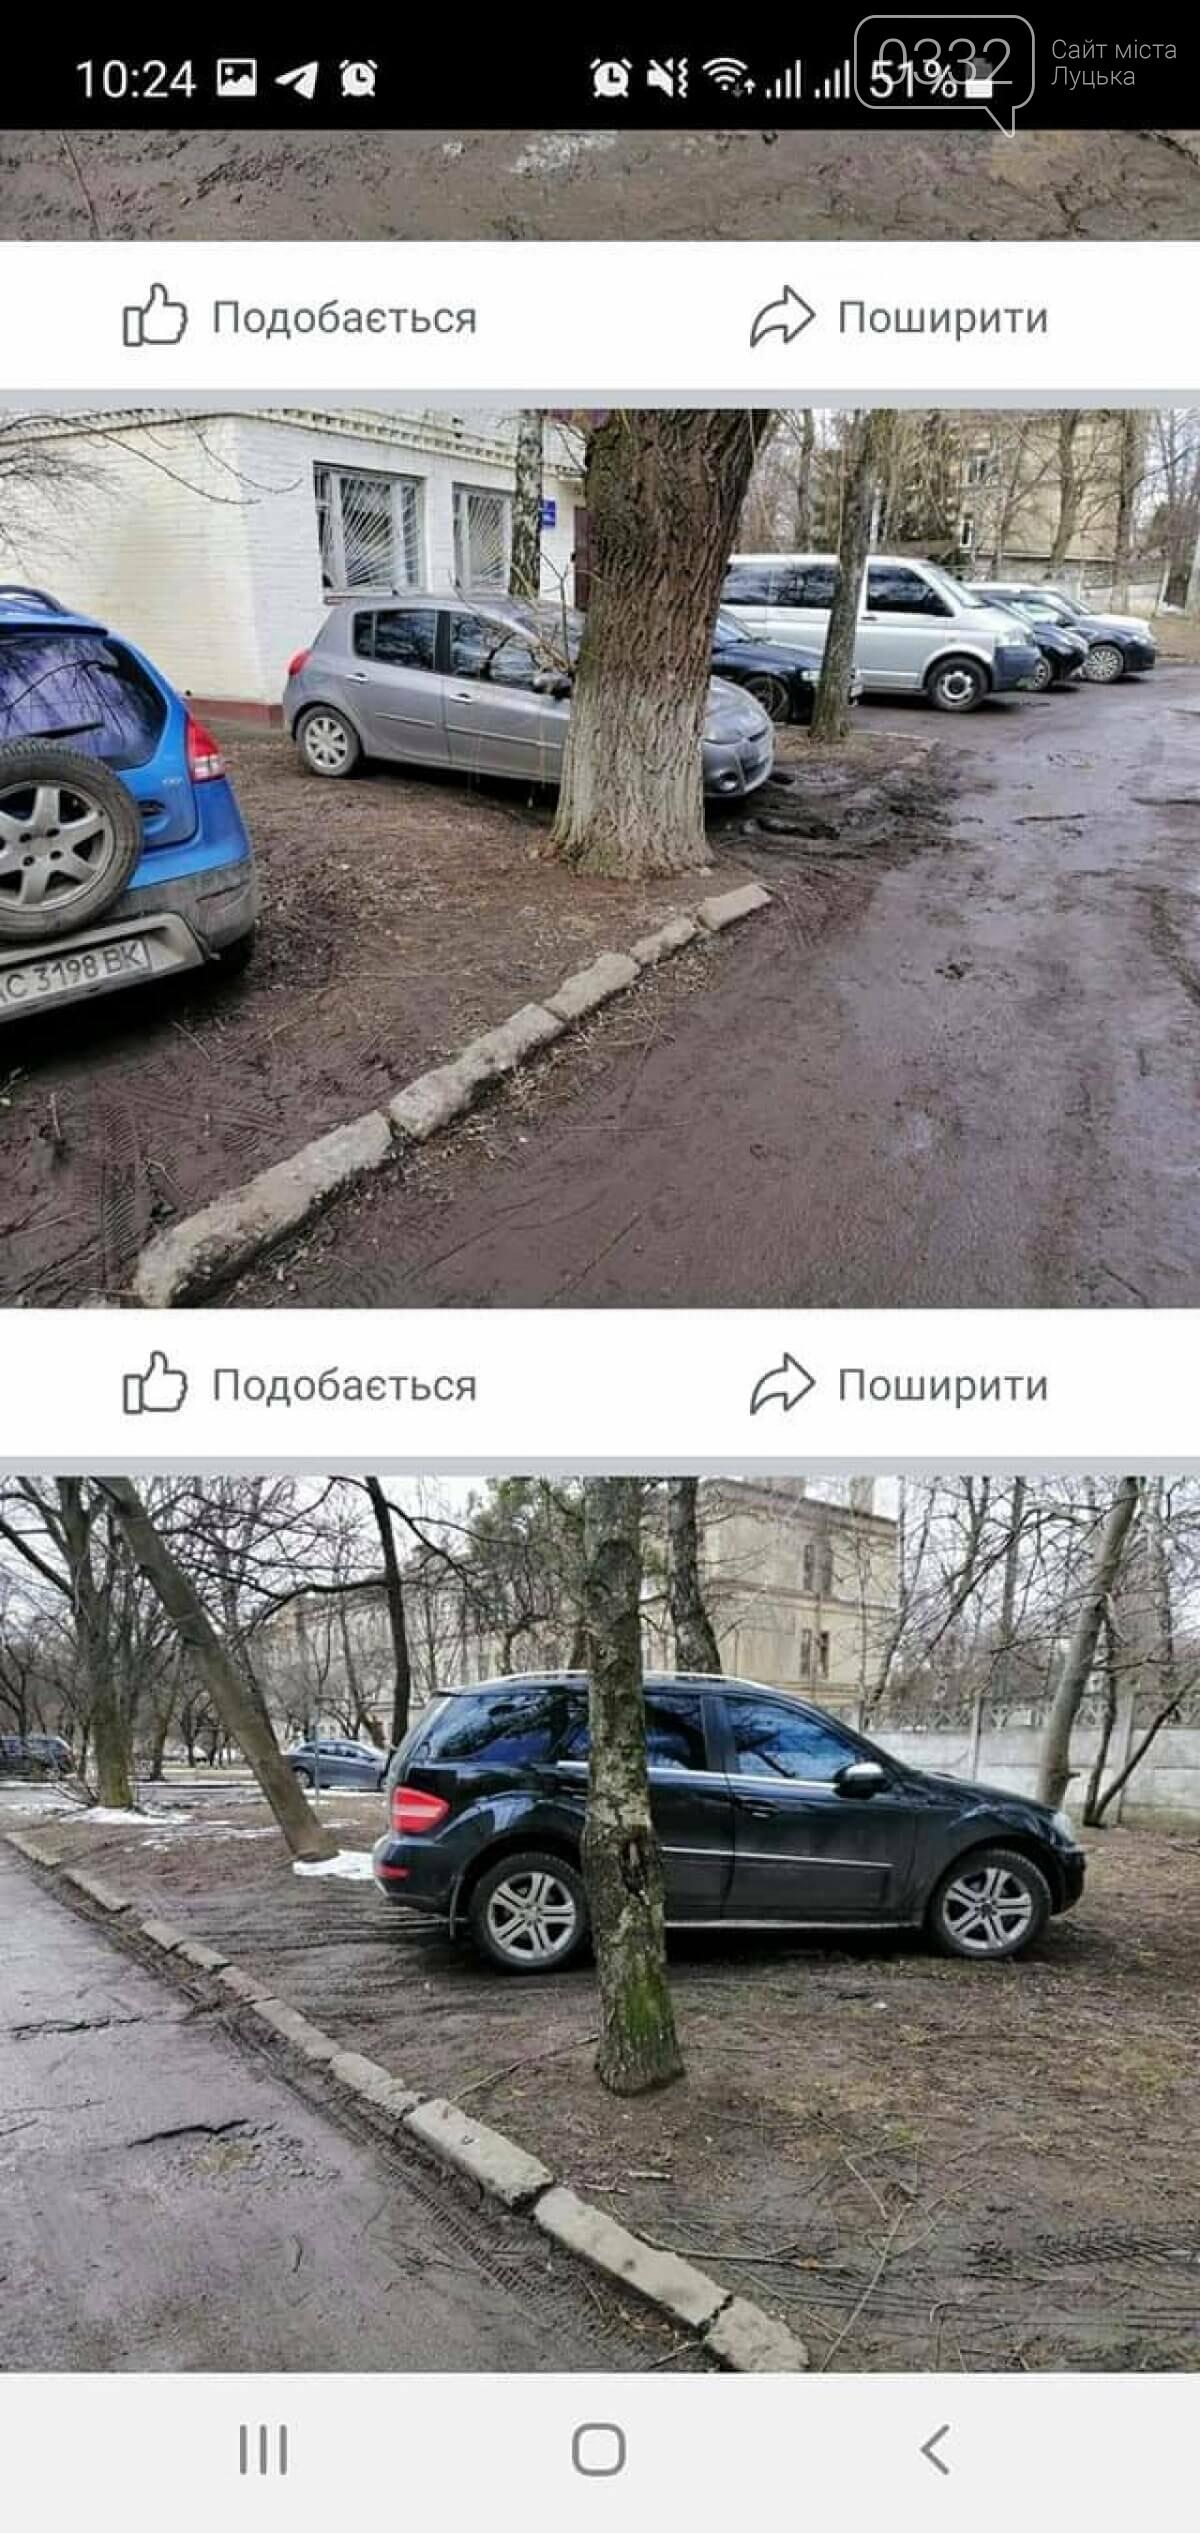 У Луцьку муніципали щодня штрафують «автохамів», які влаштували парковку на газоні, фото-6